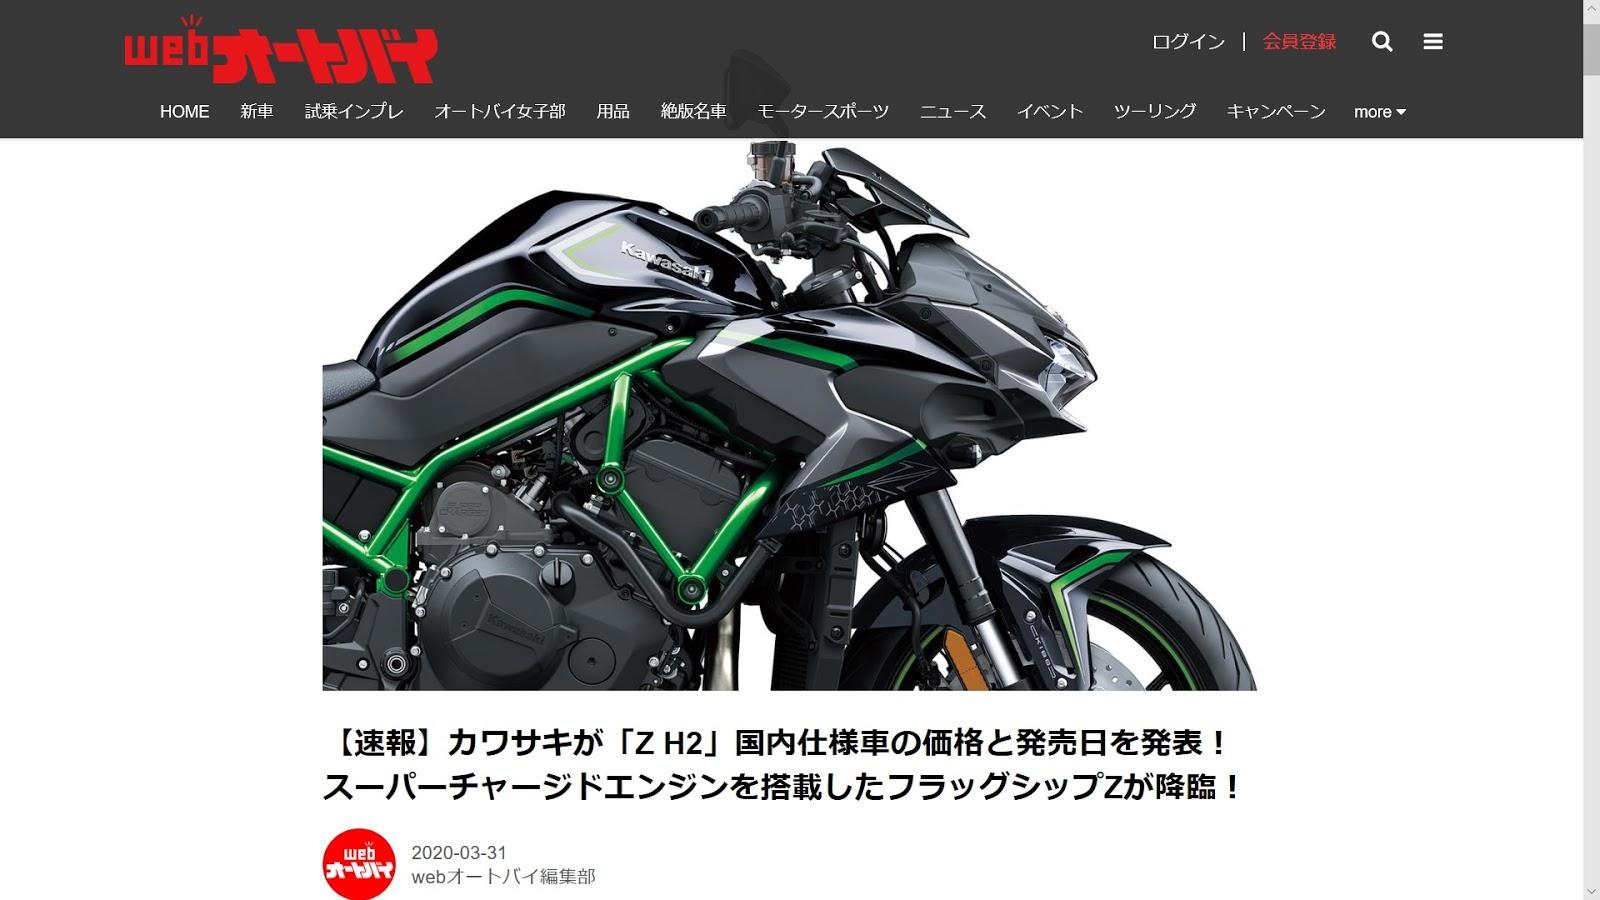 Zh2 カワサキ